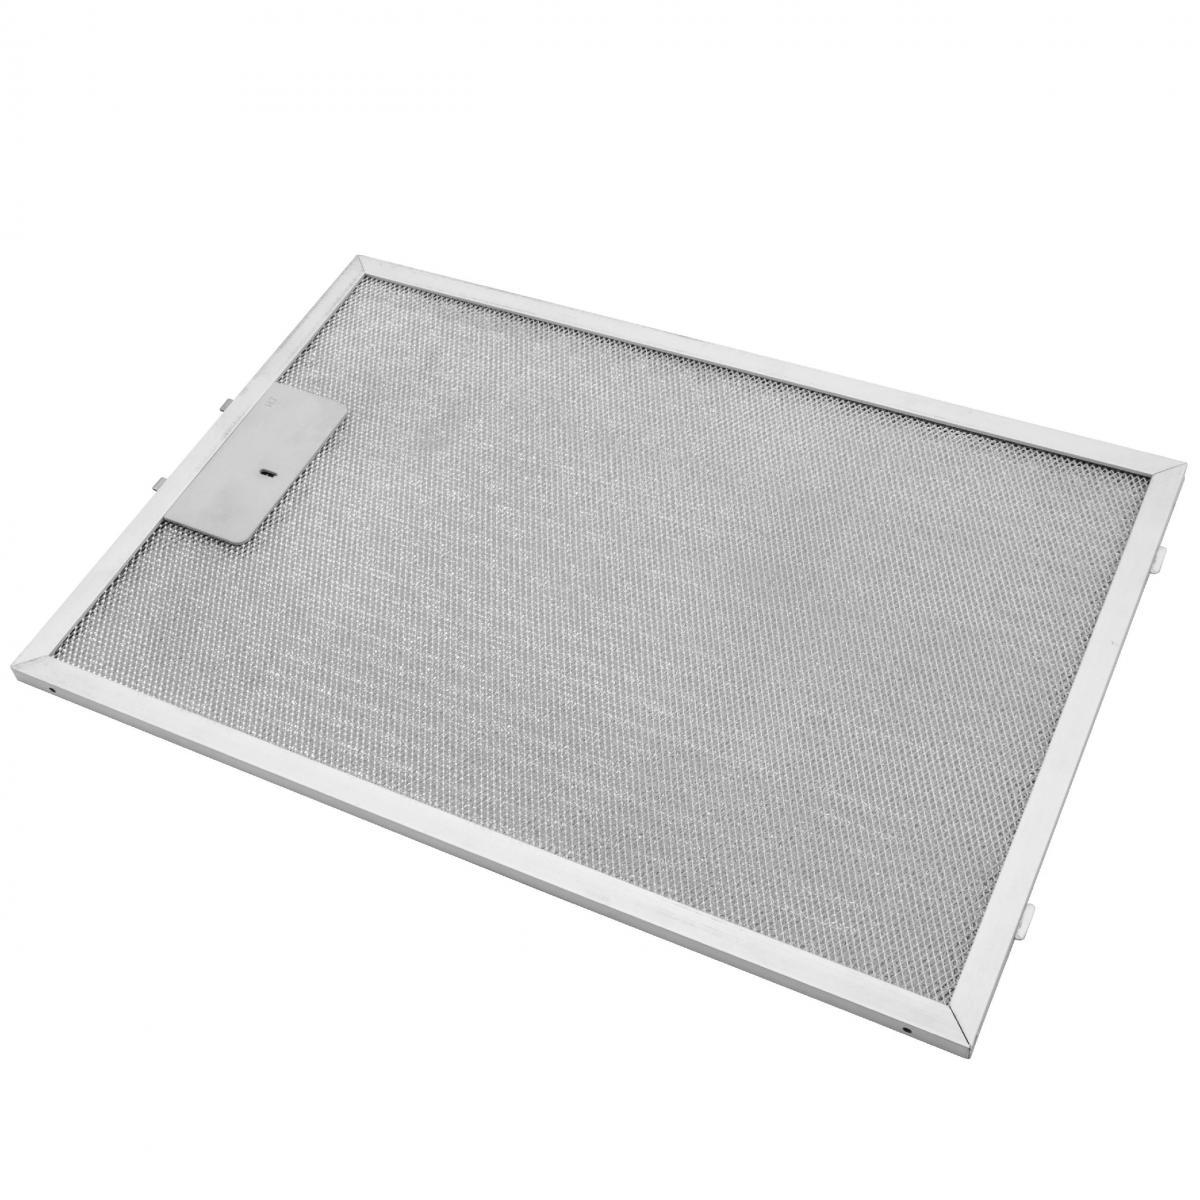 Vhbw vhbw Filtrepermanent filtre à graisse métallique 38,8 x 26,5 x 0,9cm convient pour Siemens LC 64 BA 521, 64 WA 221, 64 W